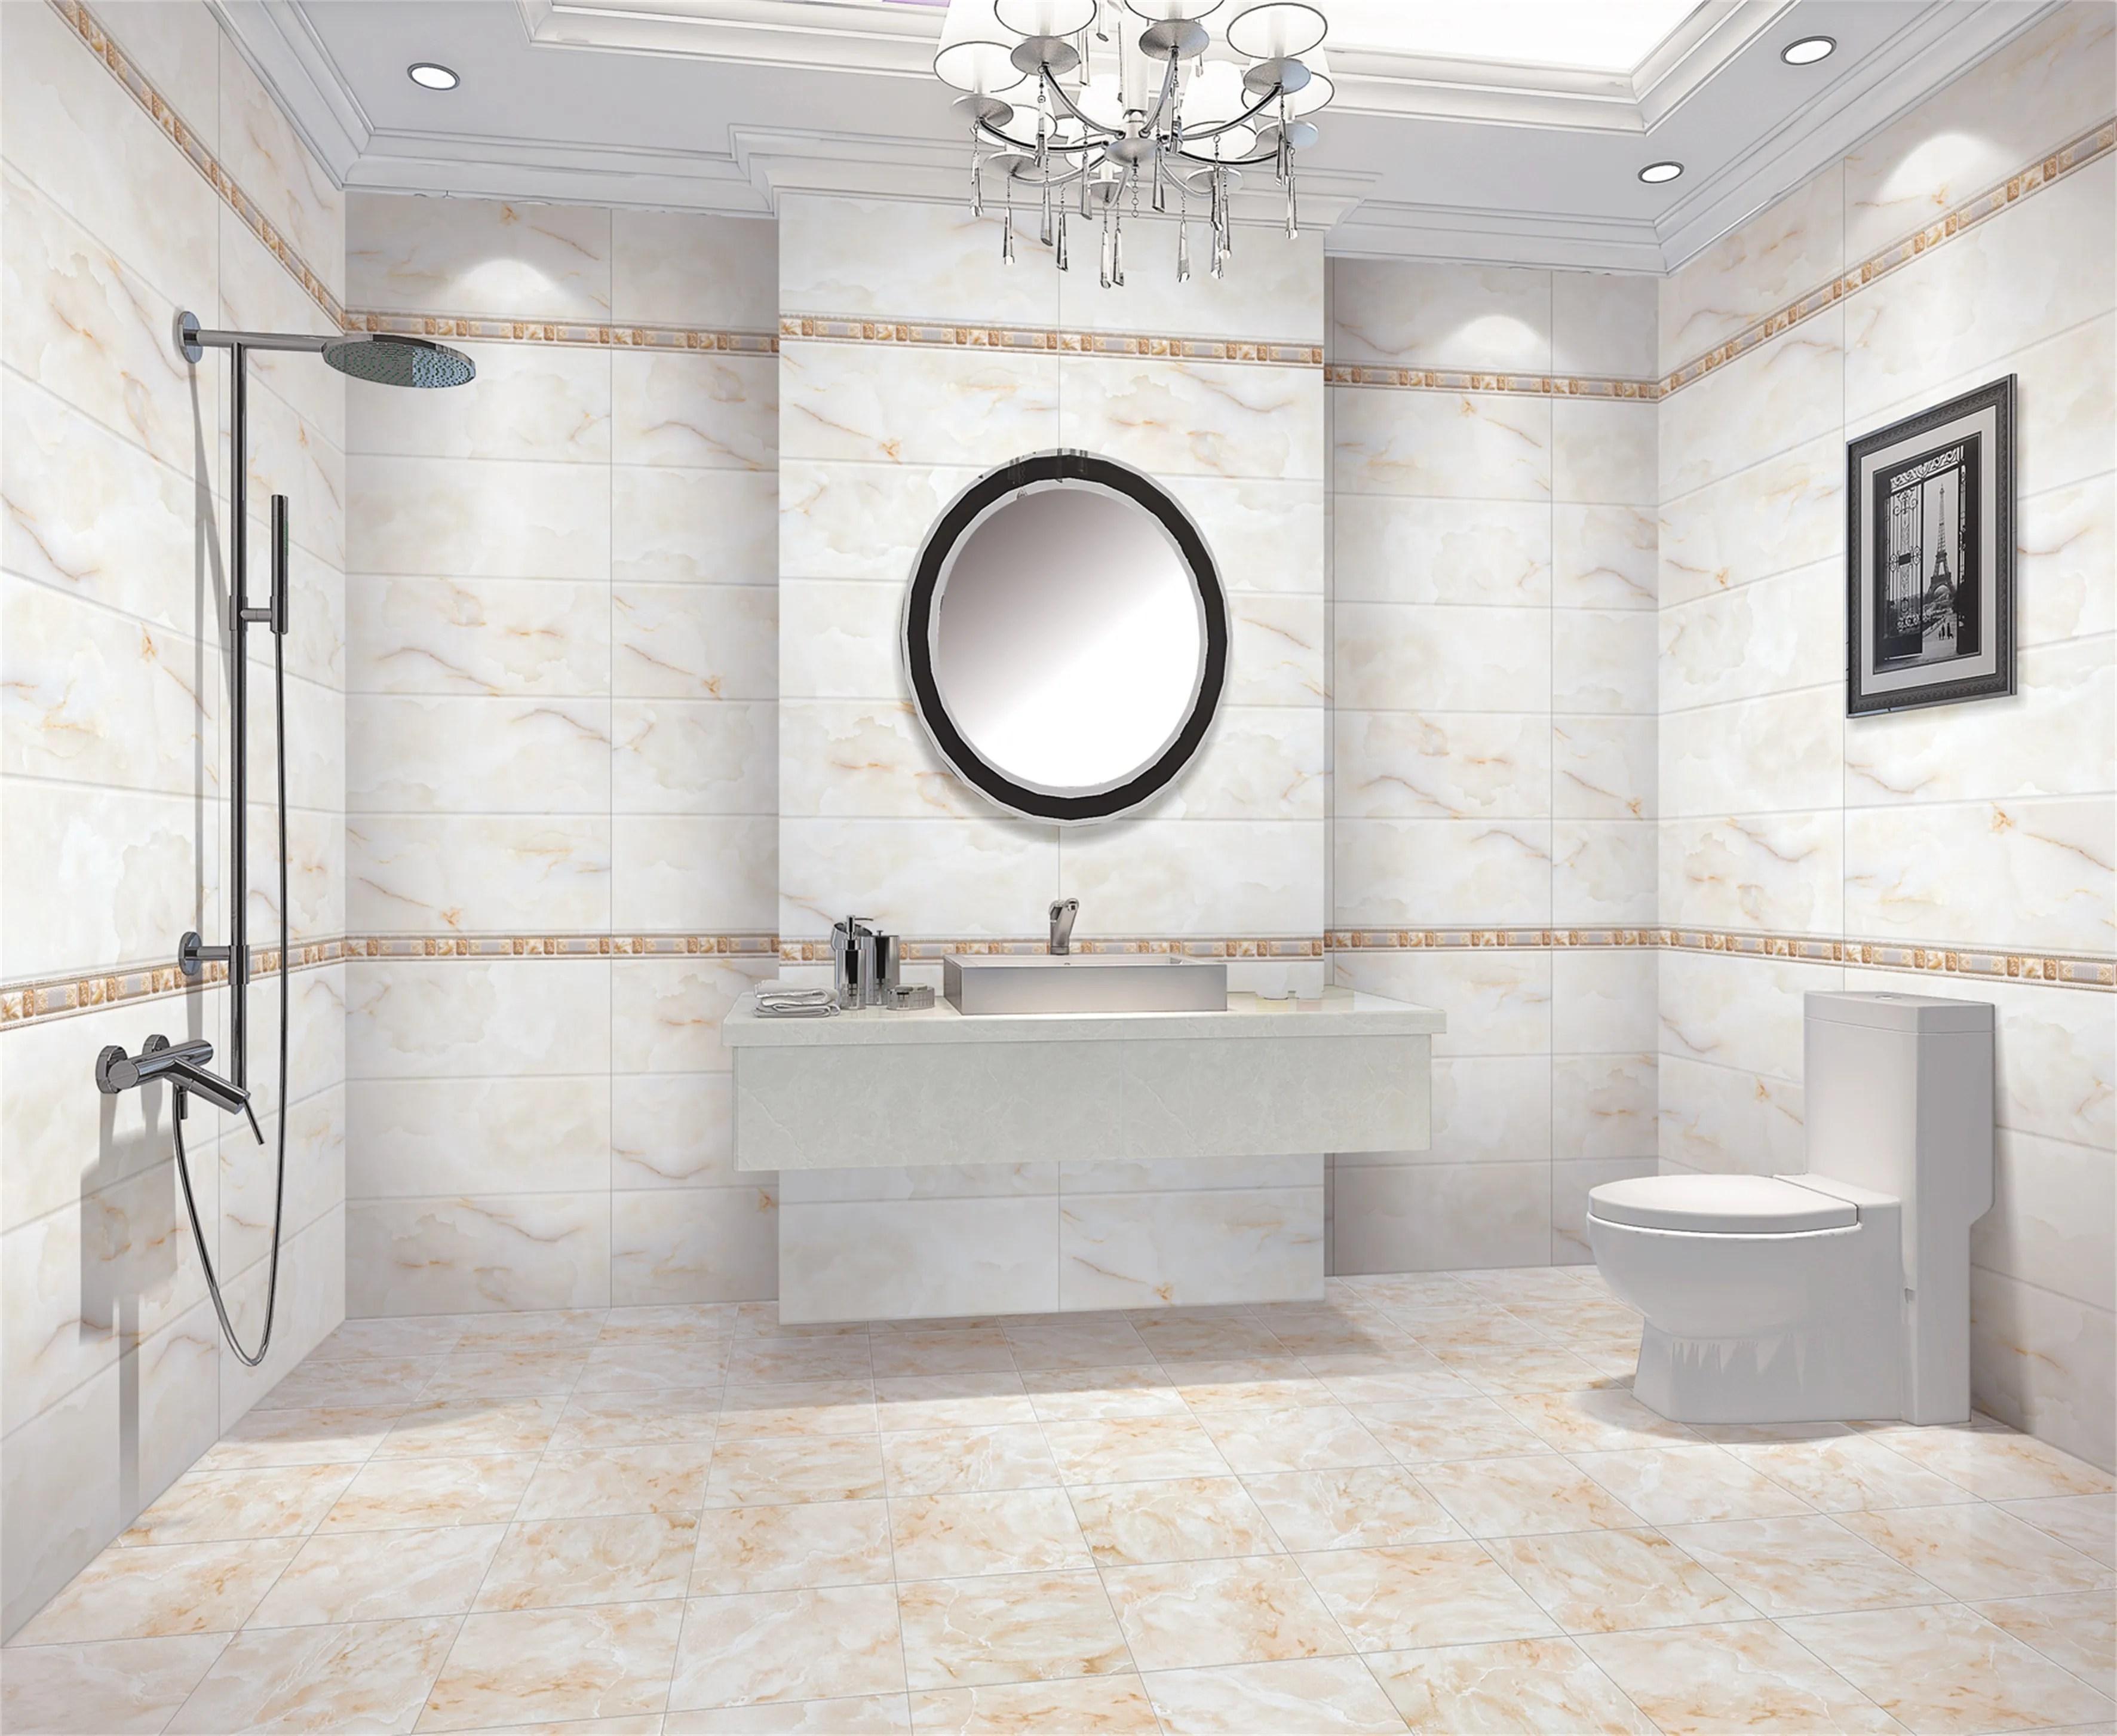 Decorative Wall Tile Bathroom Foam Wall Ceramic Tile Bathroom Buy Tile Wall Bathroom Decorative Wall Foam Tile Wall Ceramic Tile Bathroom Product On Alibaba Com